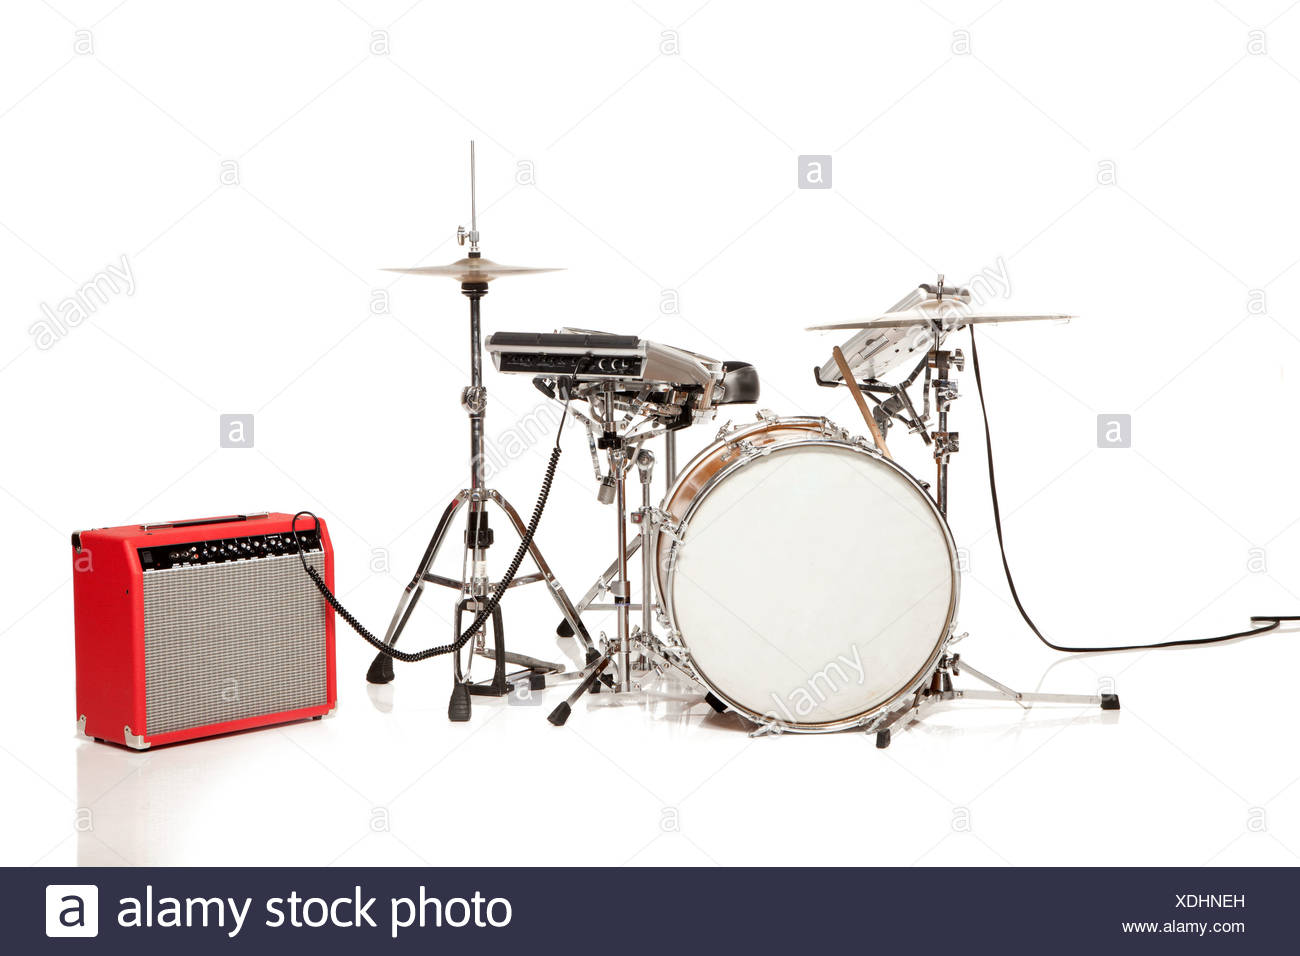 Kit de batería, Foto de estudio Imagen De Stock